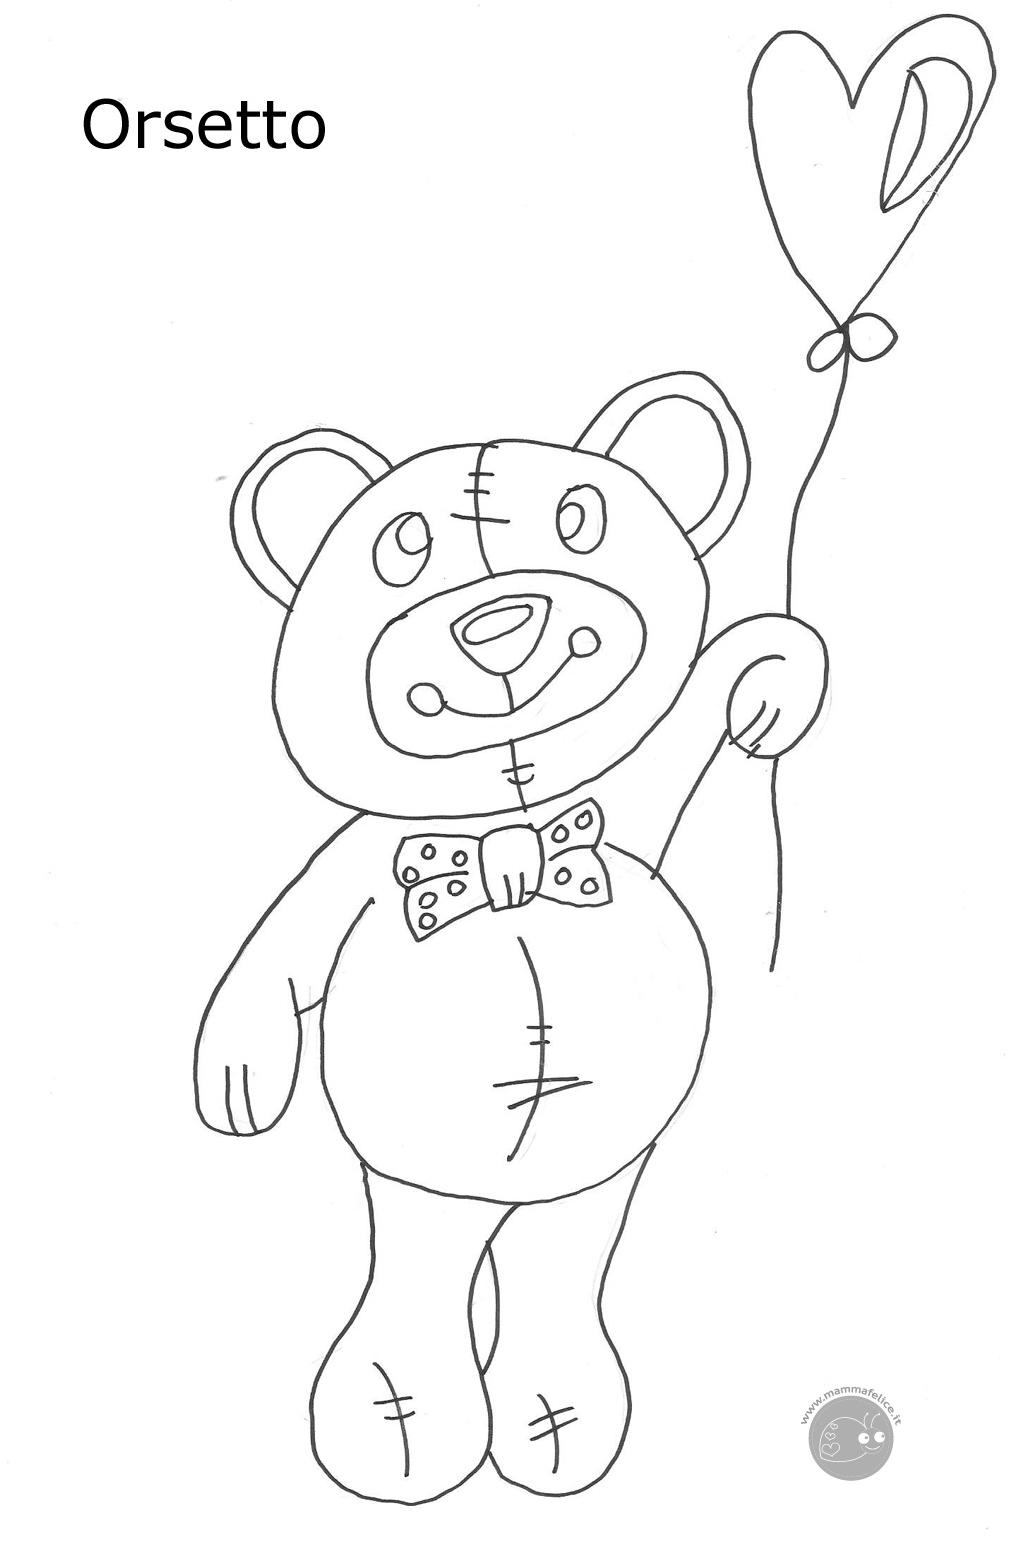 Disegno di un tenero orsetto disegni mammafelice for Disegno orso per bambini